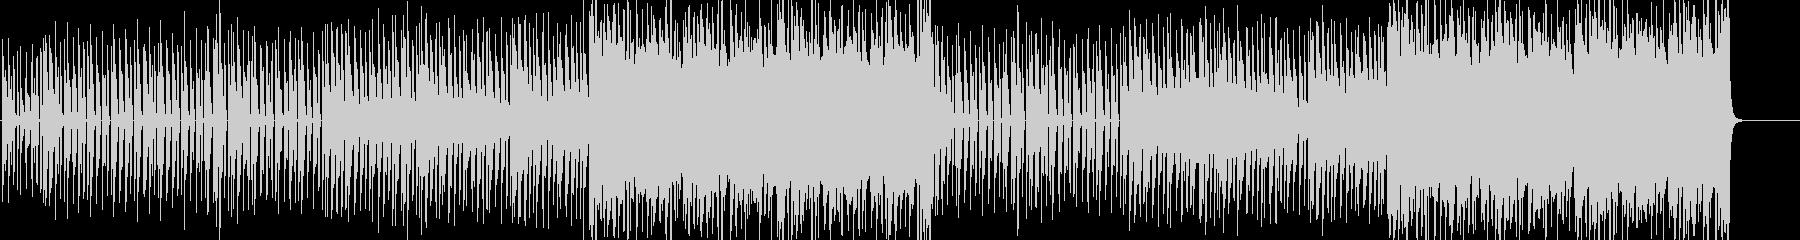 教則、解説動画等で使用できそうなBGMの未再生の波形